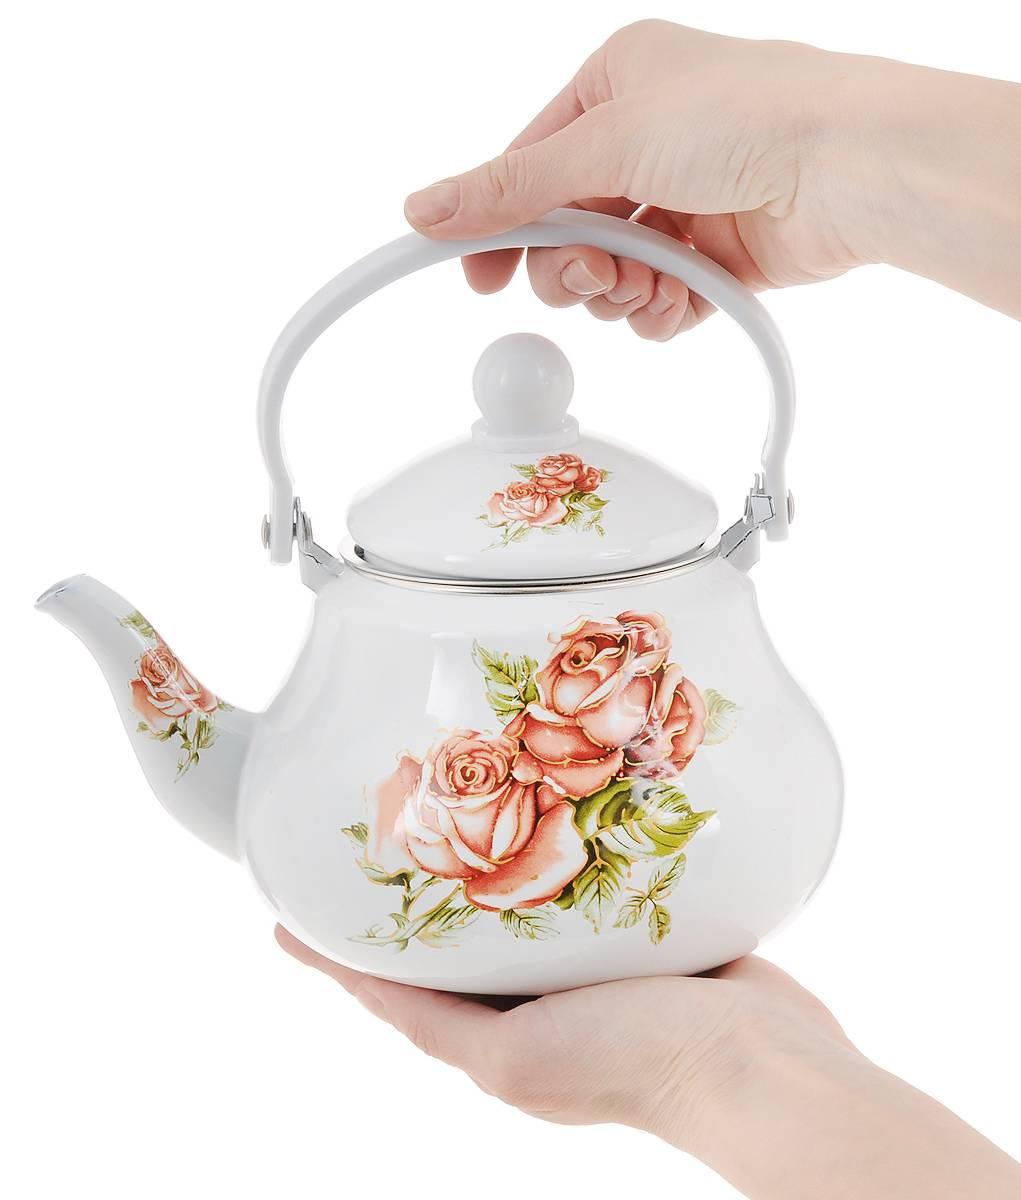 Заварочный чайник: какие бывают и как выбрать